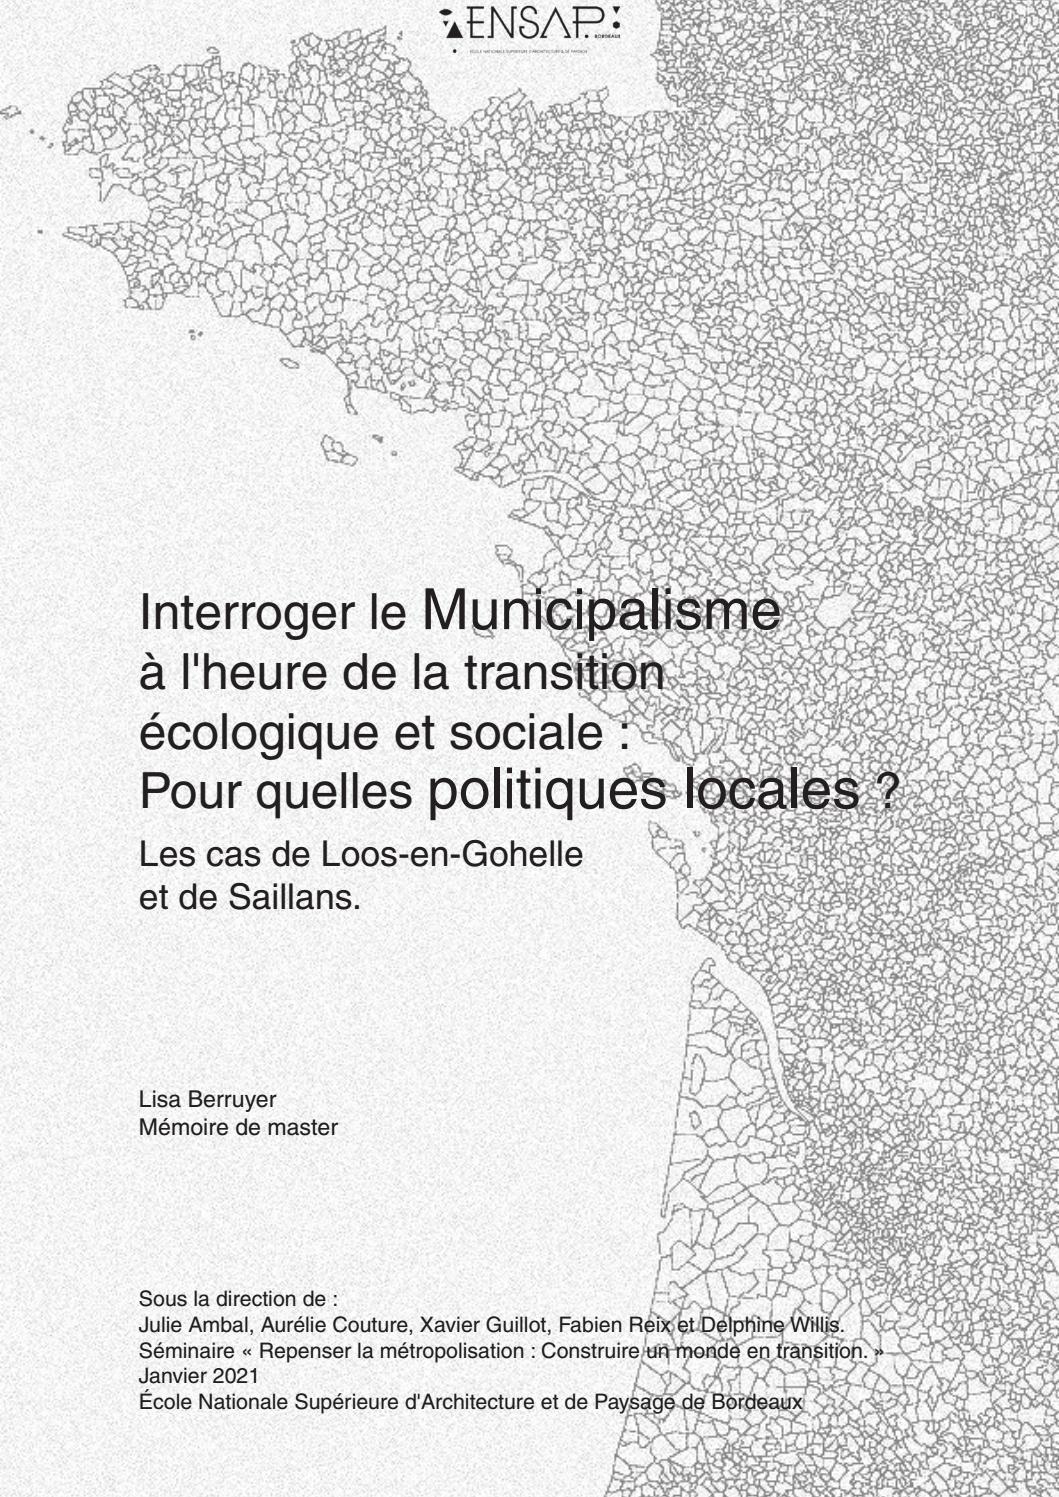 Interroger le Municipalisme à l'heure de la transition écologique ...